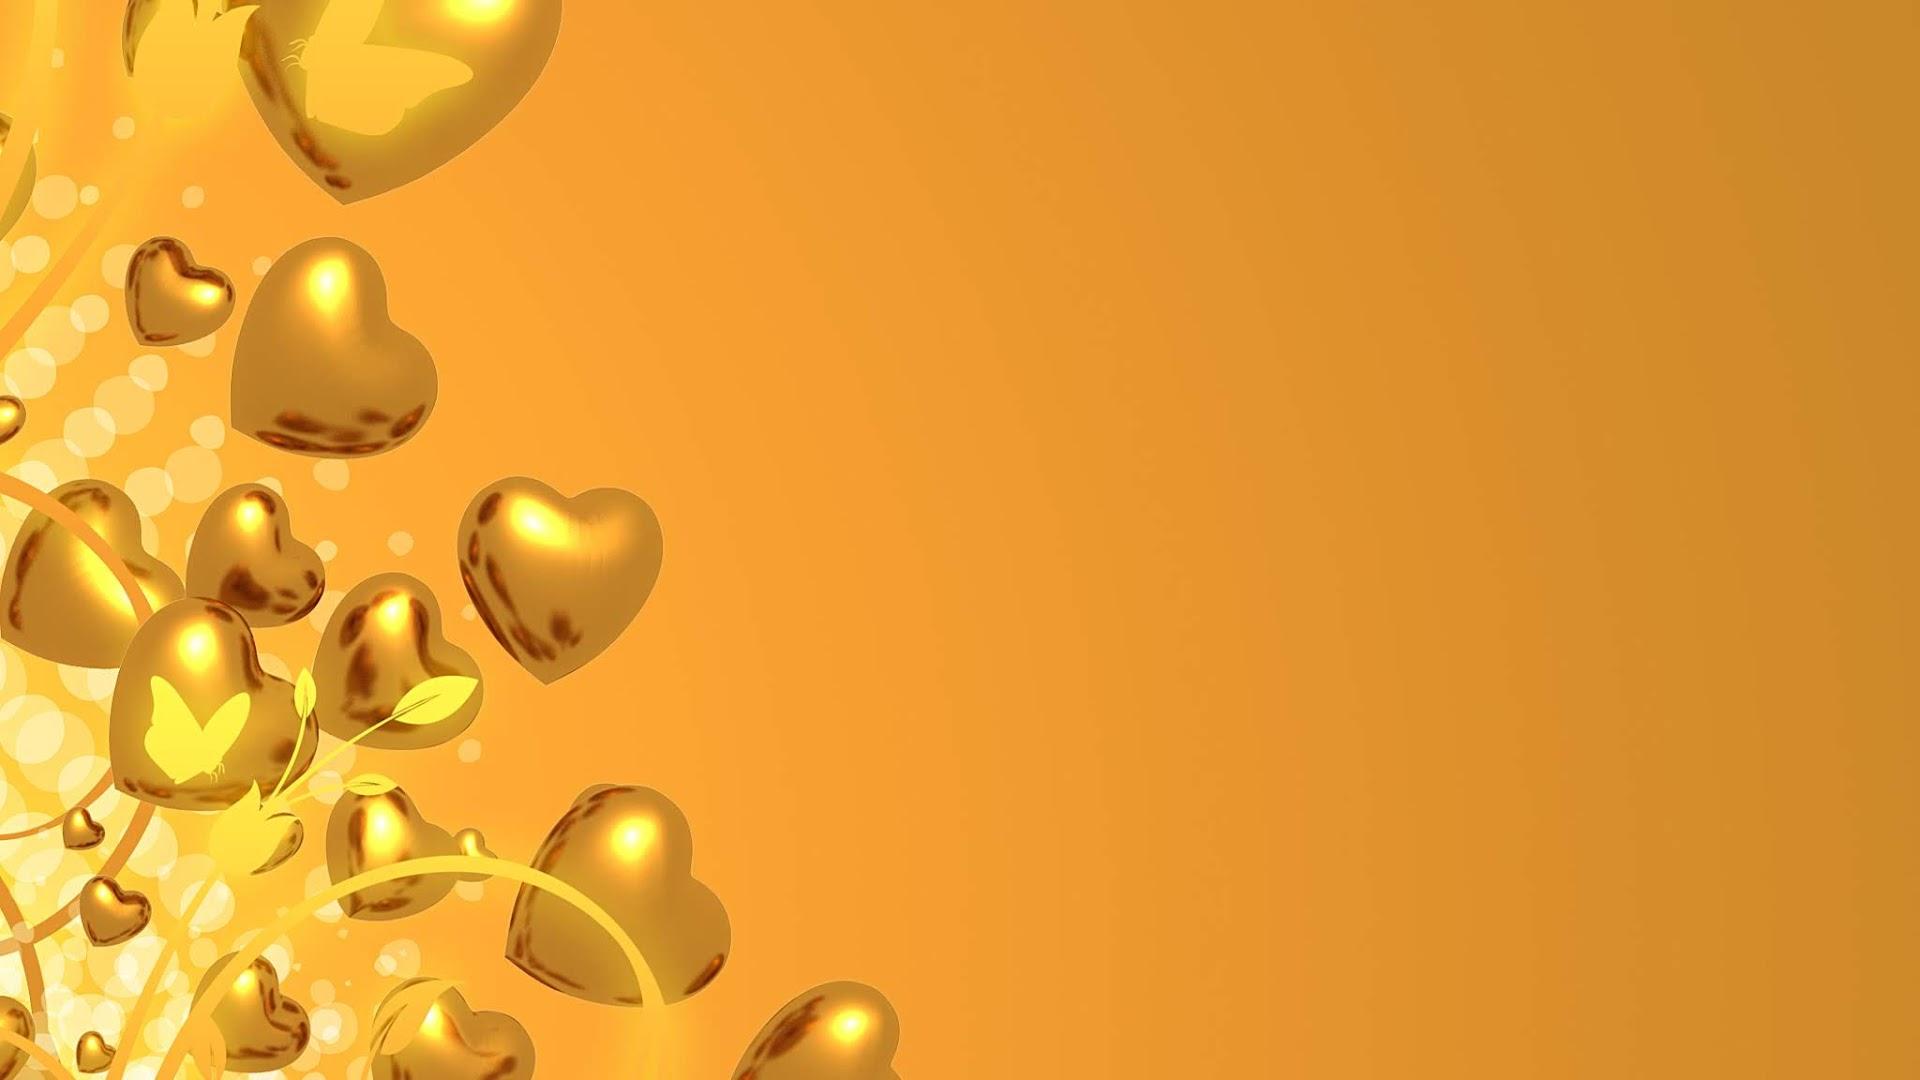 Golden Hearts - Free valentine HD Background